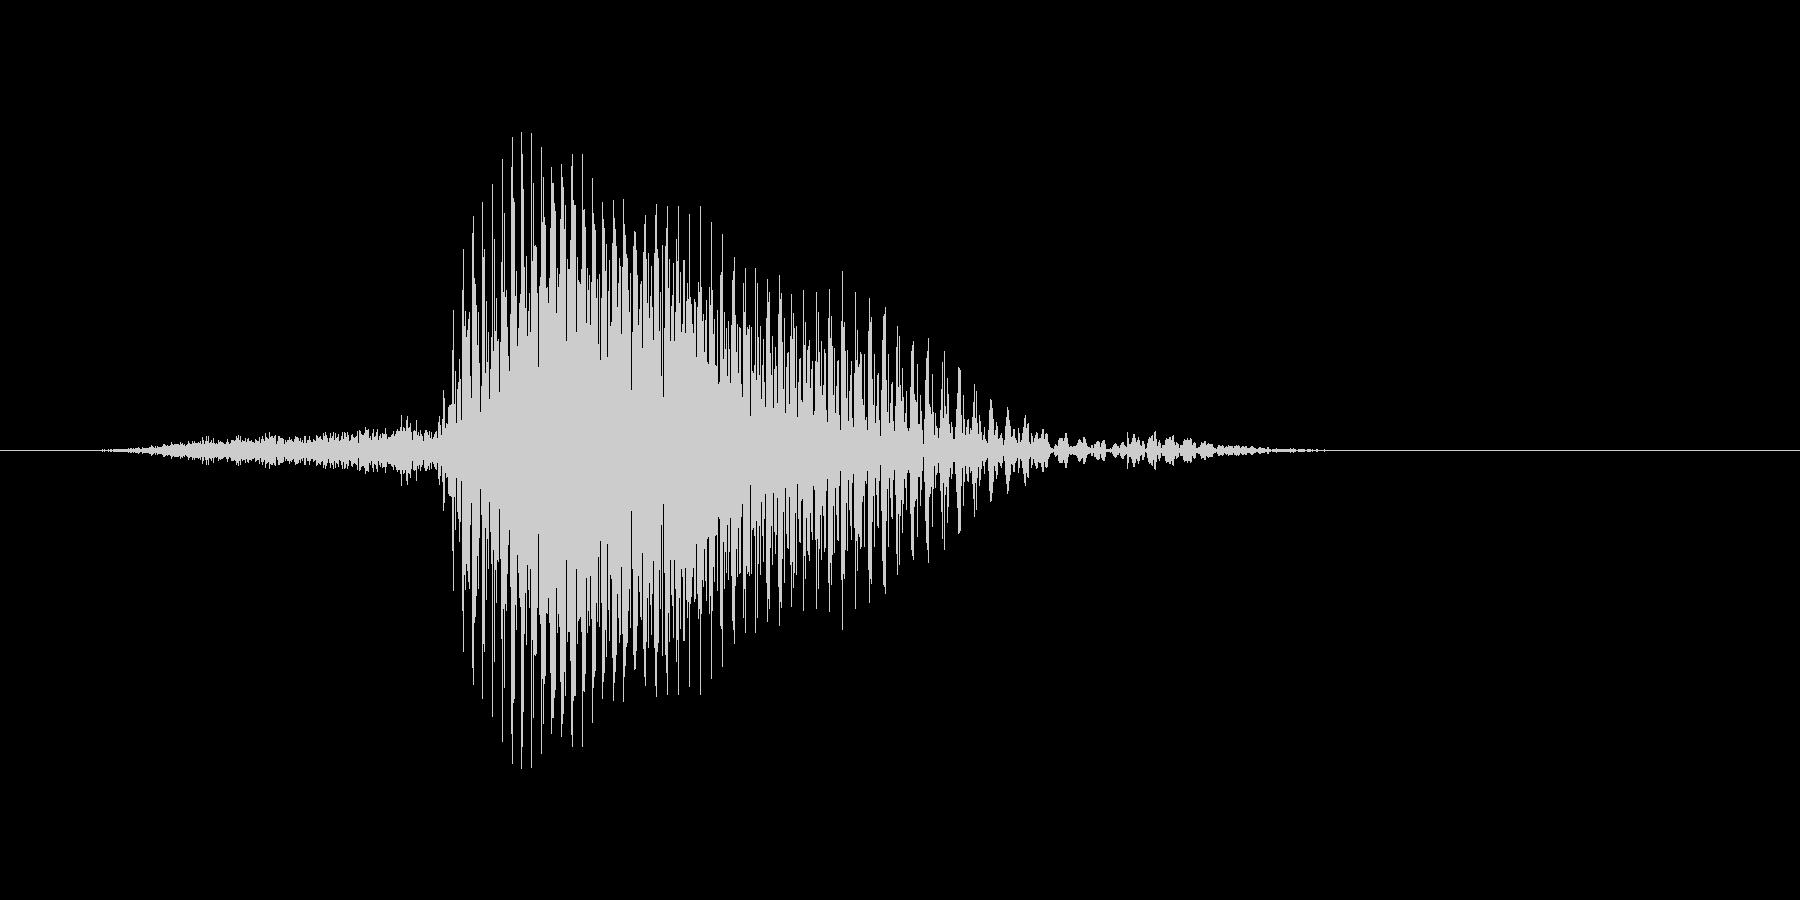 Third(サード)の未再生の波形